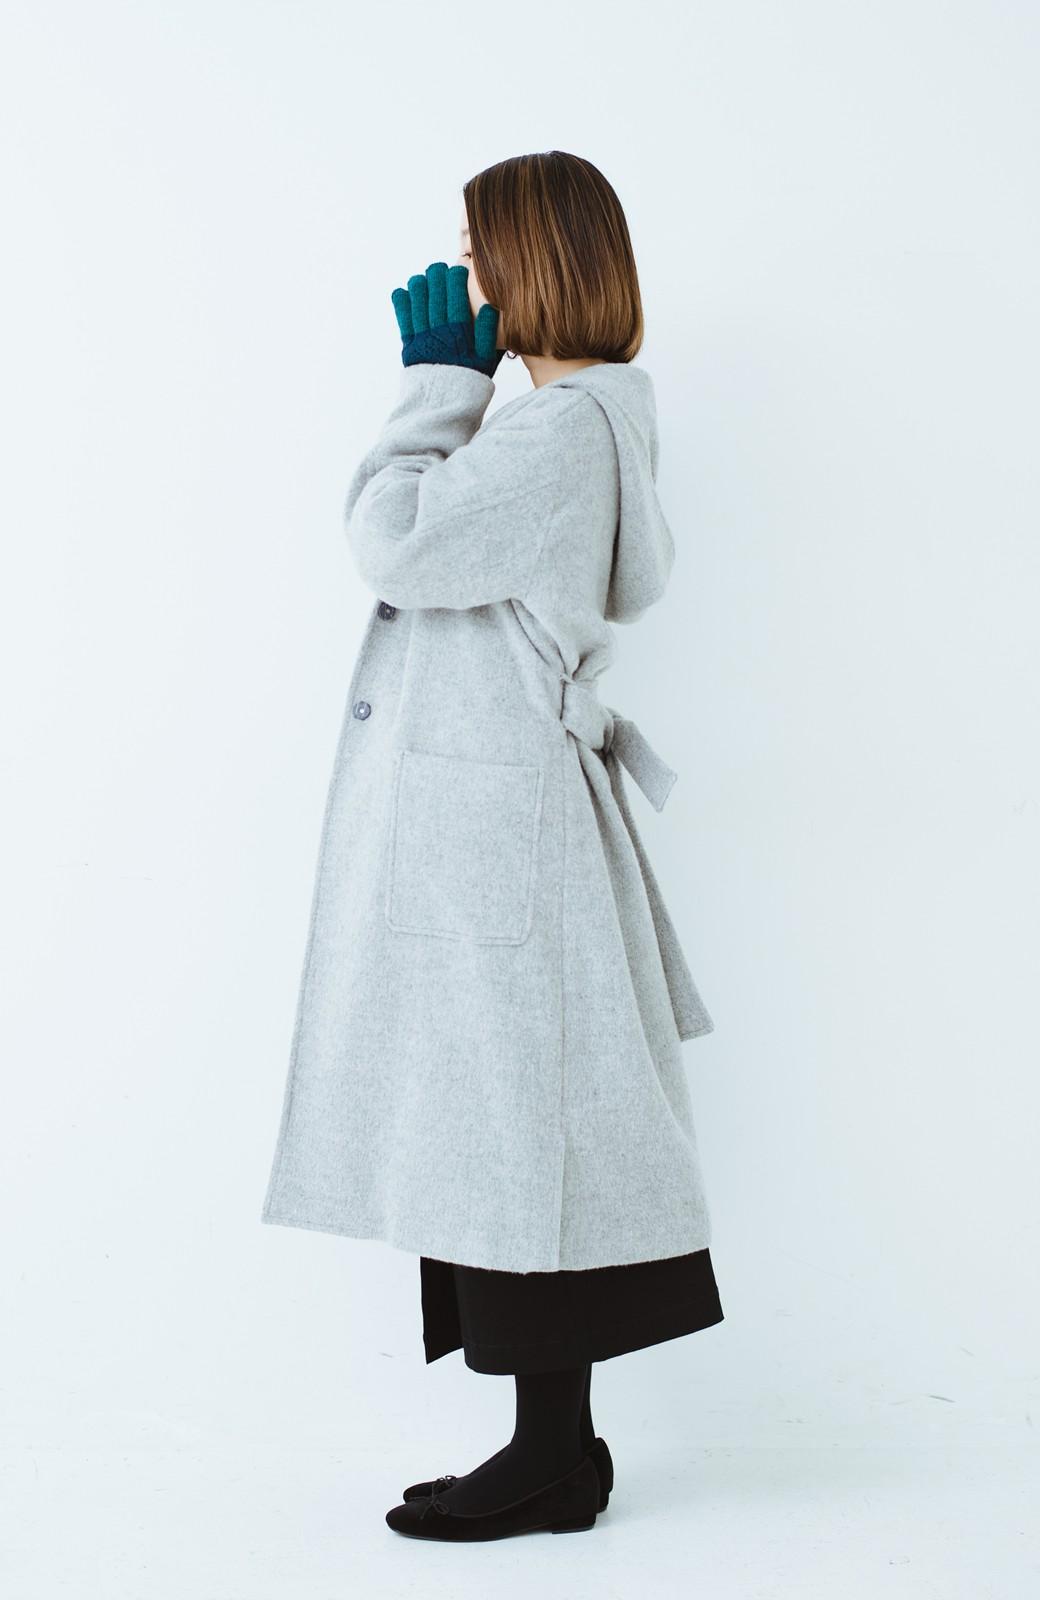 haco! タッチパネル対応手袋 イタリアンウールグローブ <ブルー系その他>の商品写真8